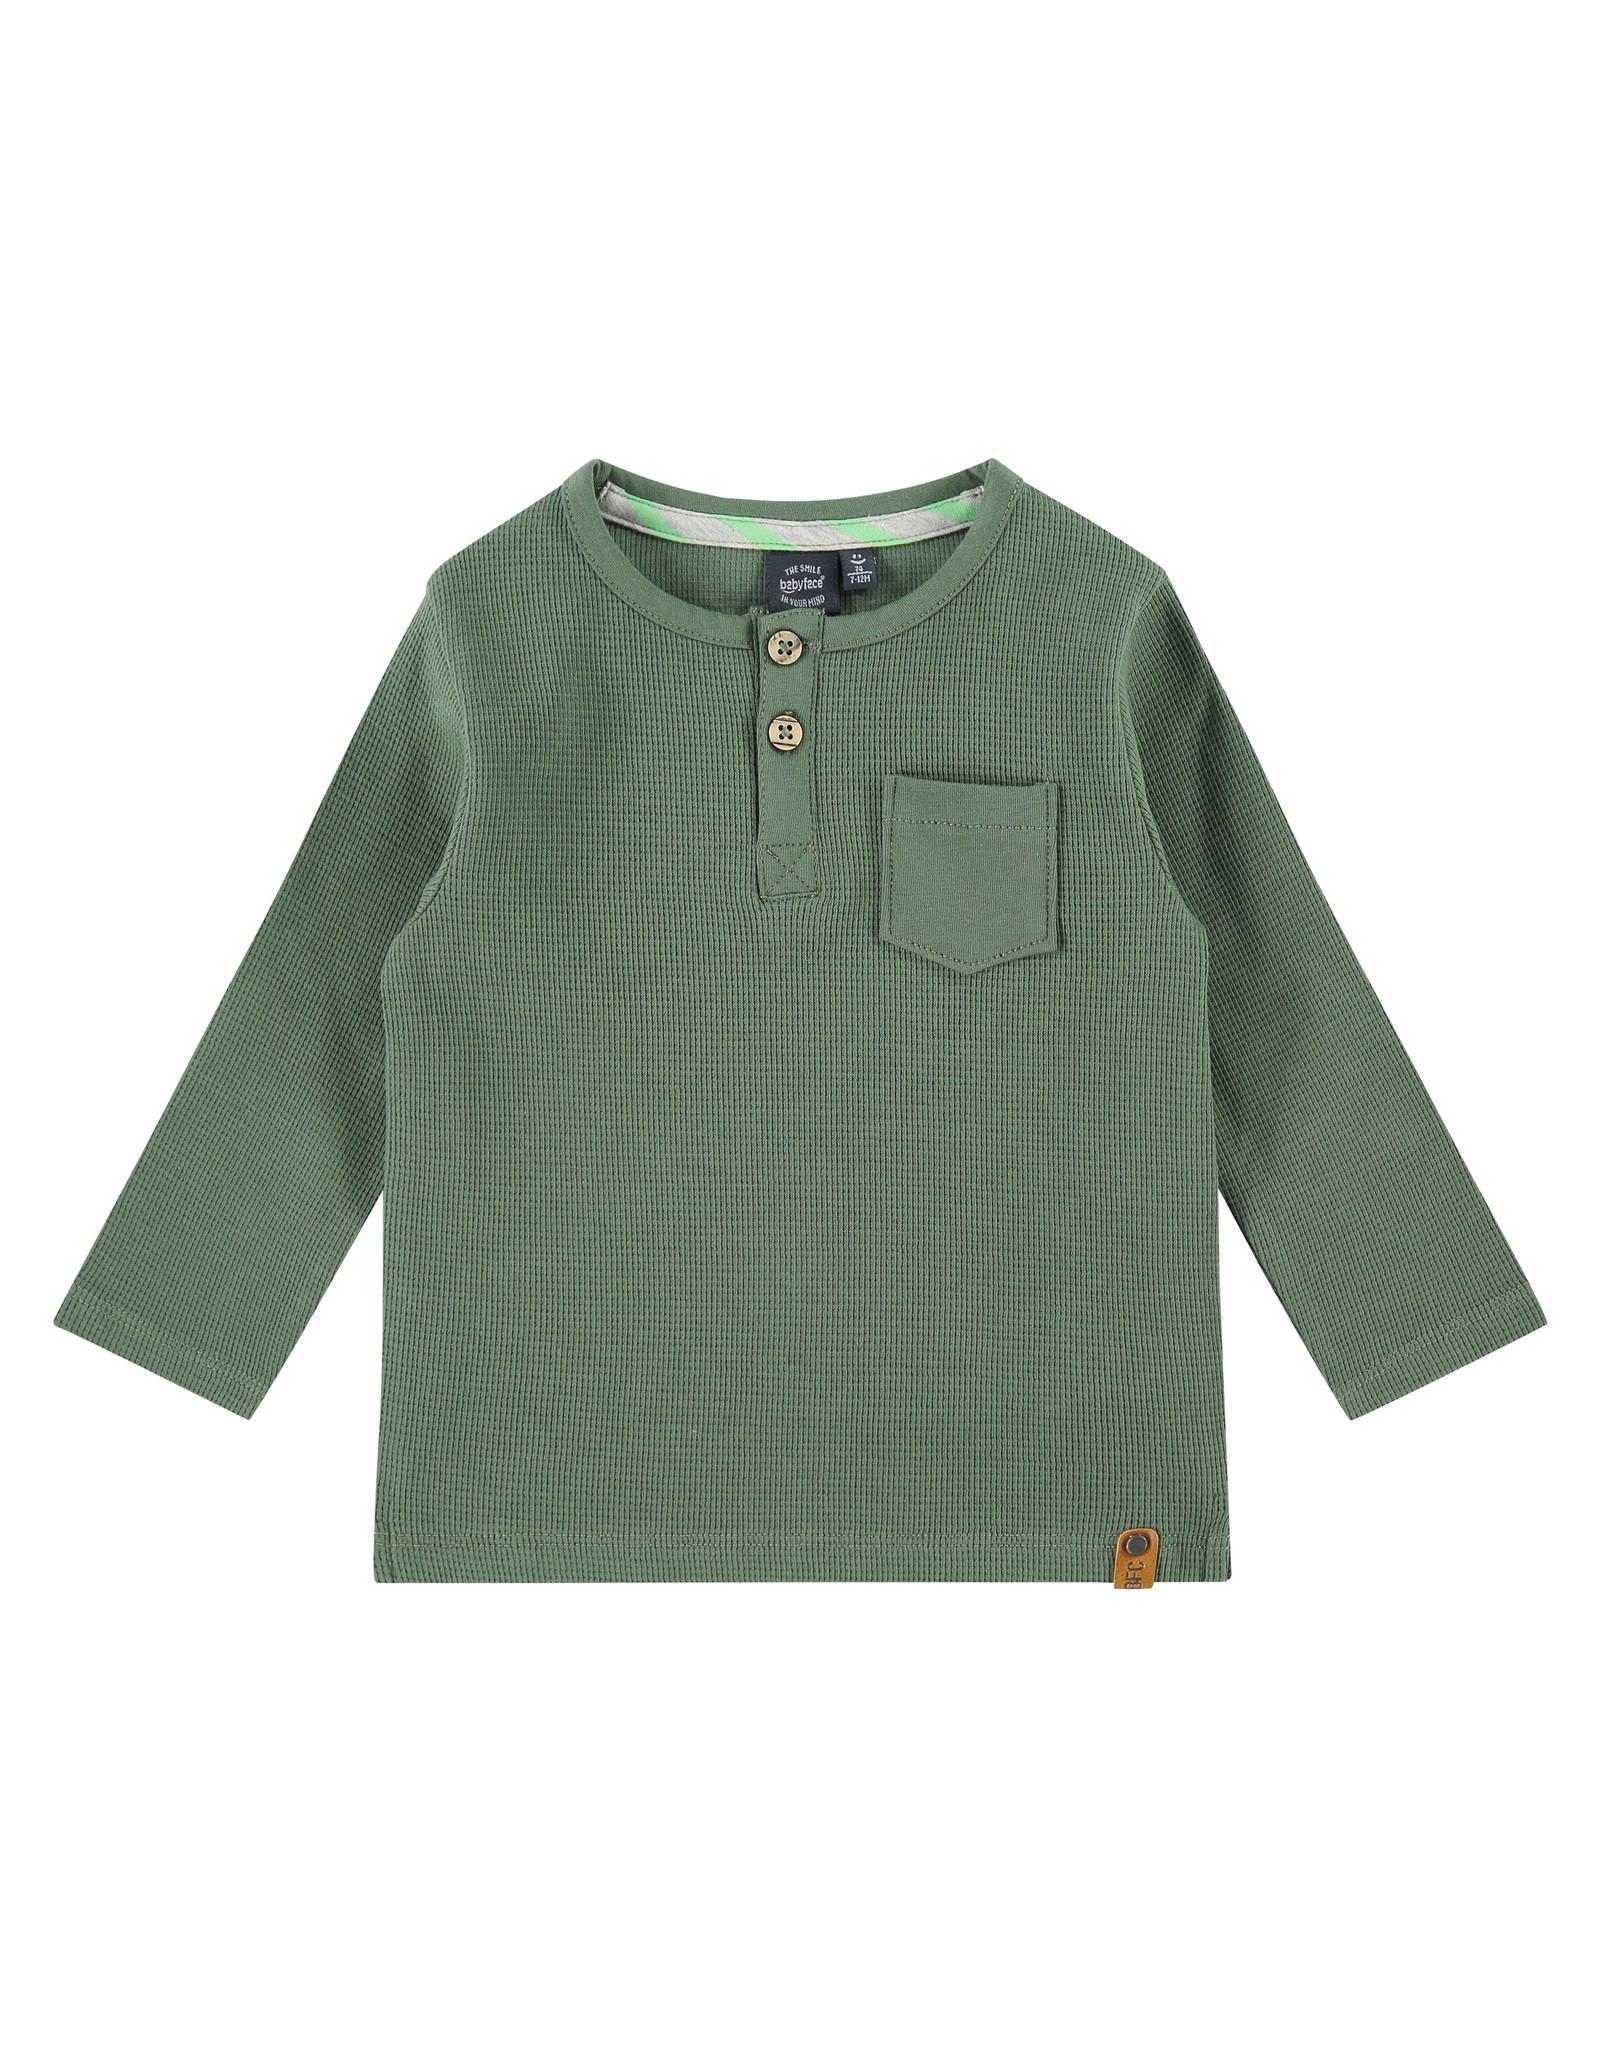 Babyface boys t-shirt long sleeve, army, BBE21107603